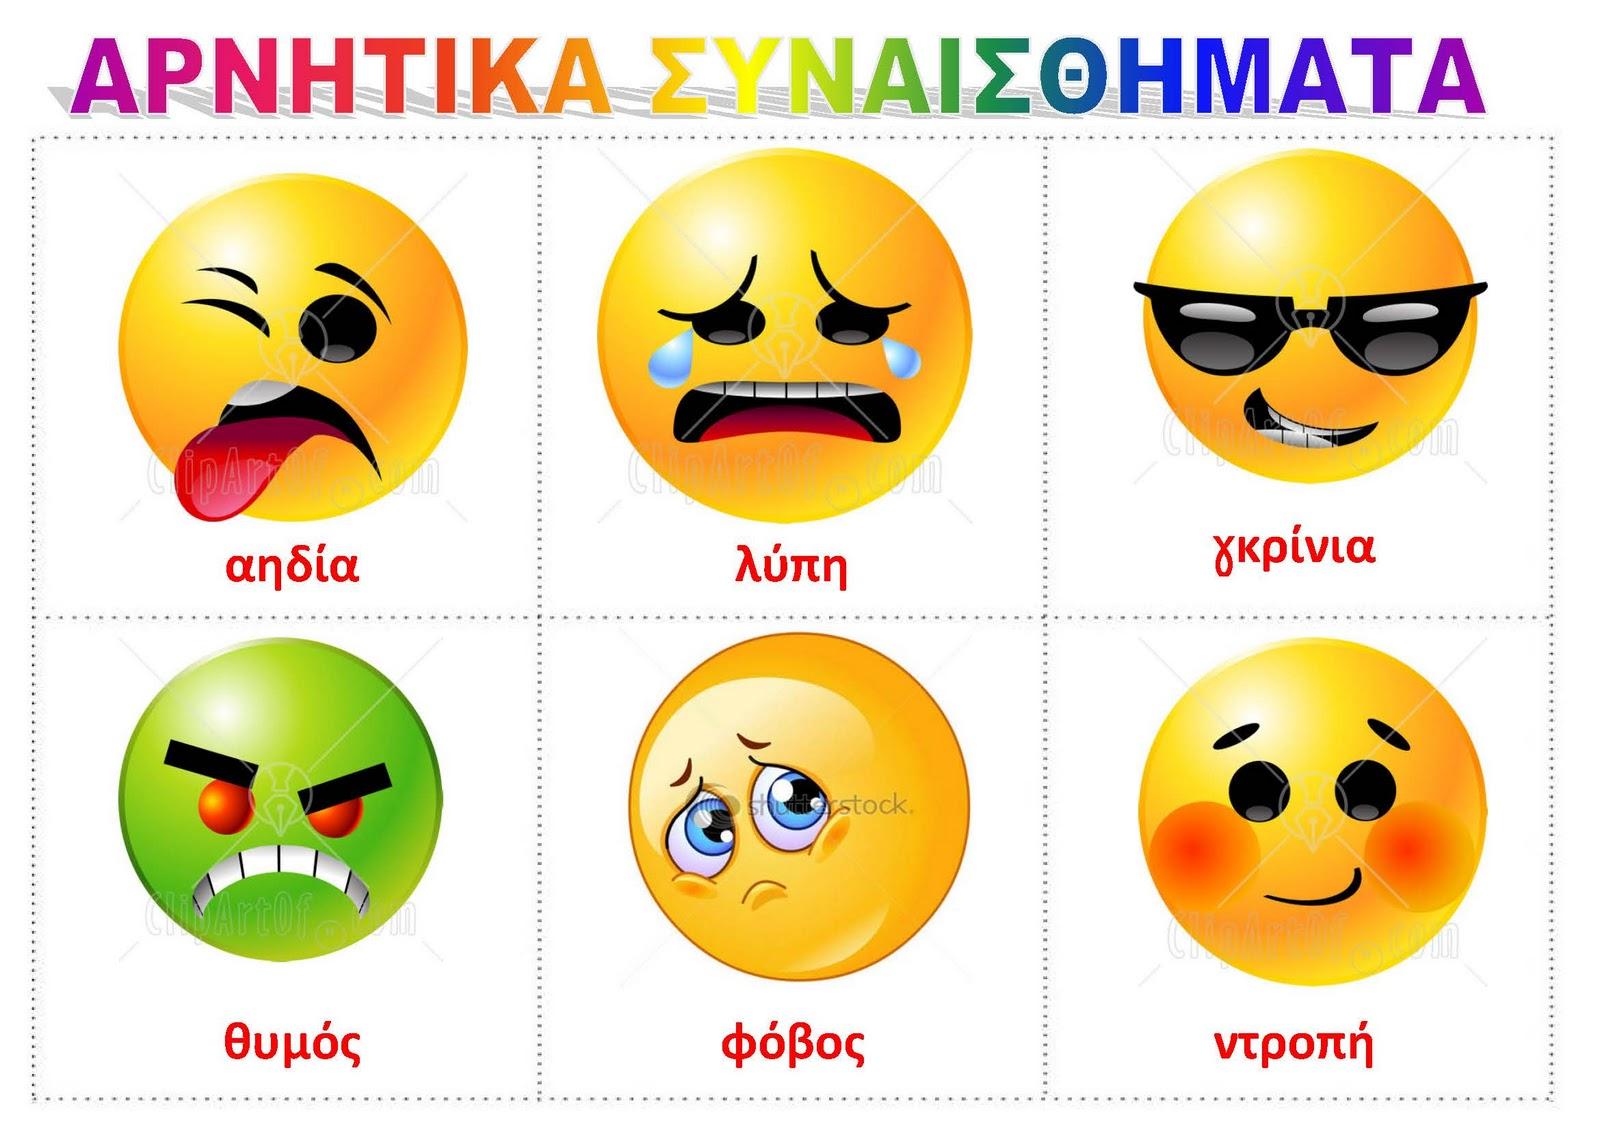 Τα συναισθήματα - λίστες αναφοράς για